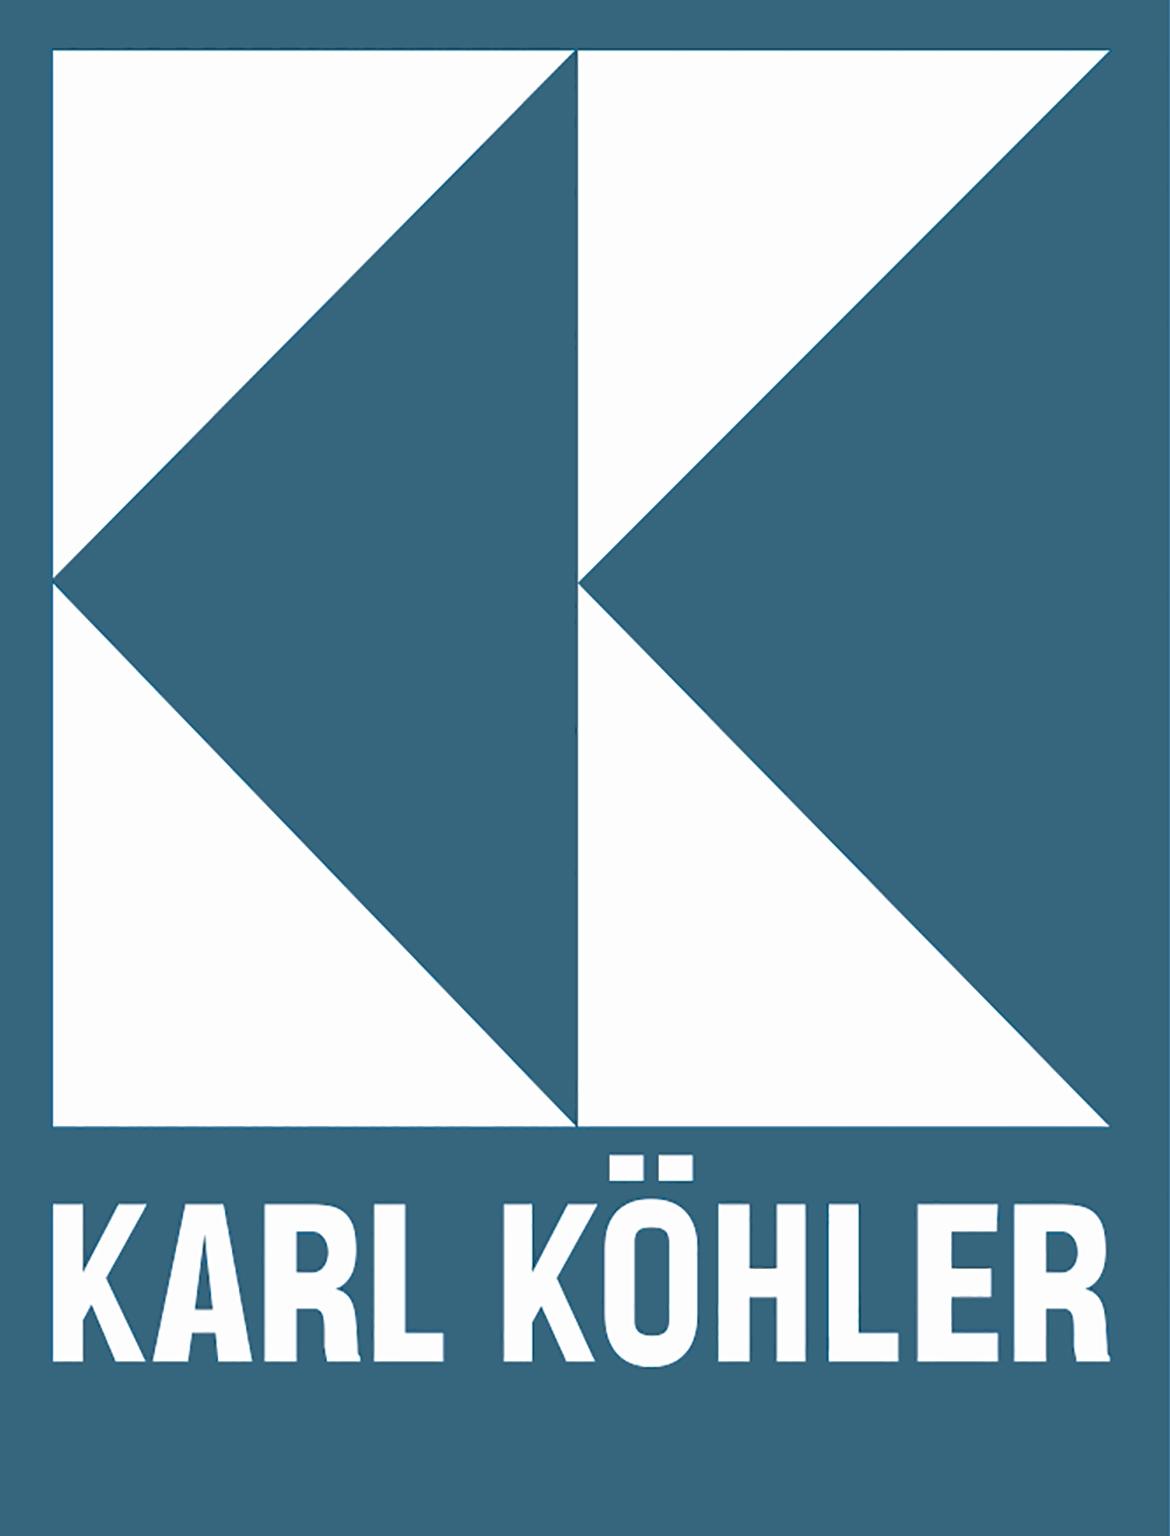 KARL KÖHLER Bauunternehmung GmbH und Co. KG